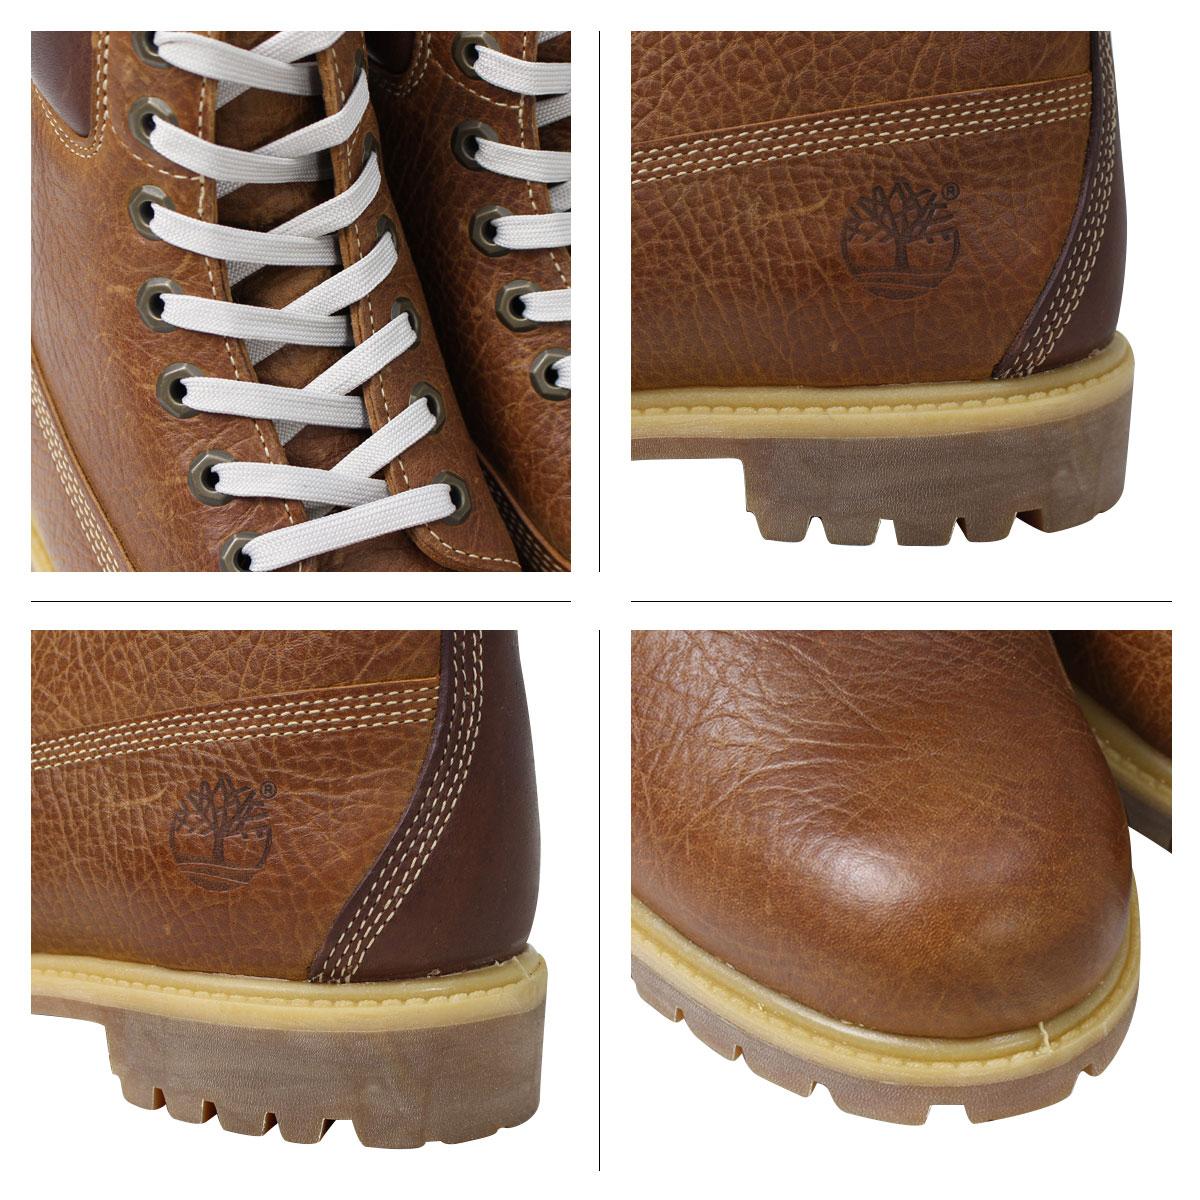 天伯伦天伯伦 6 INCHI 6 英寸溢价靴子 6 英寸溢价防水靴子 A17LP W 明智防水棕色男装 [10/28 新股票]